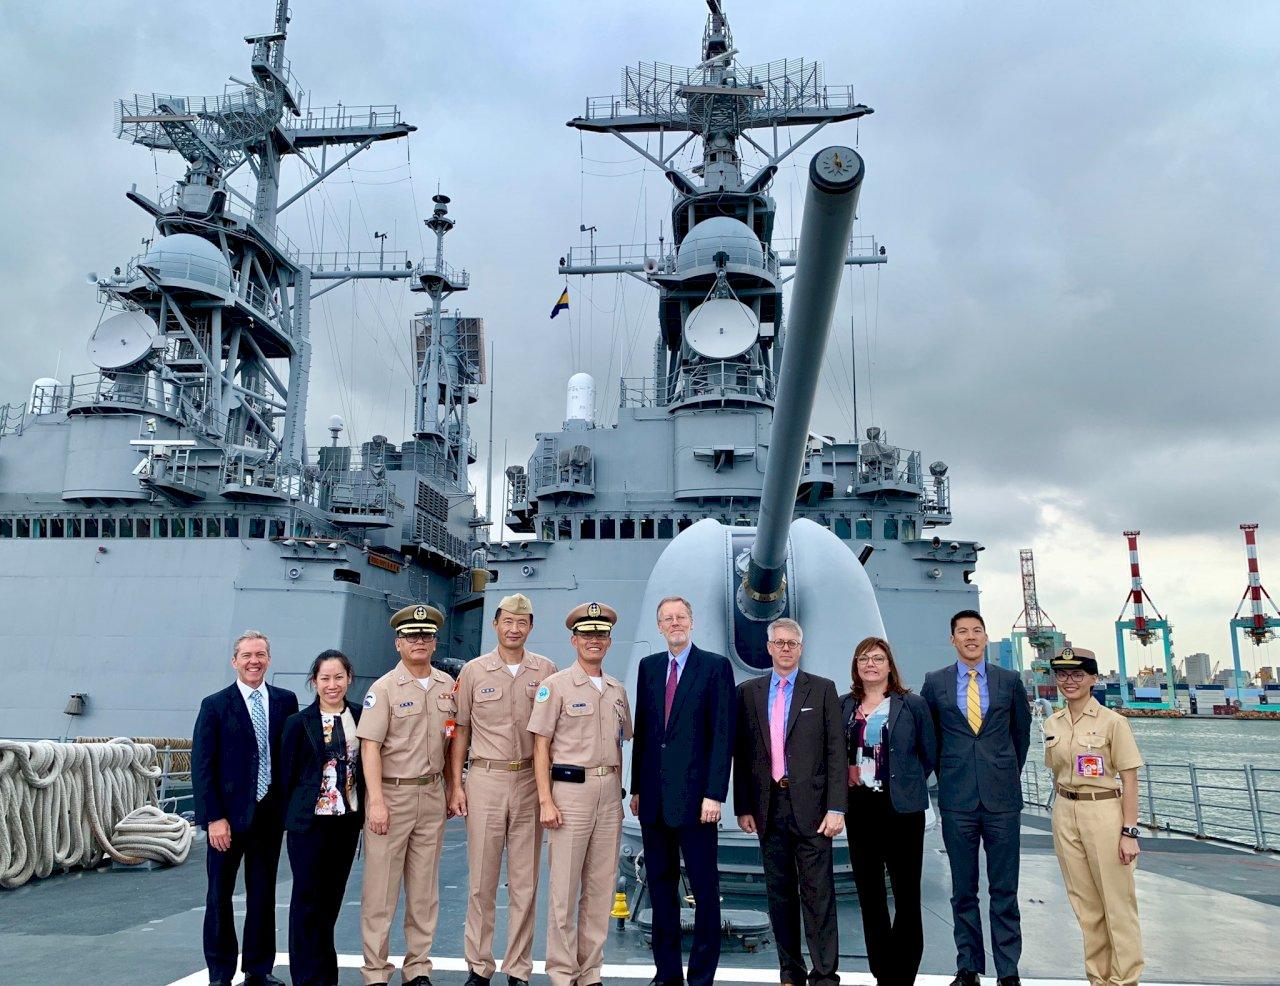 酈英傑登海軍軍艦 強調美台共維海上航行自由安全